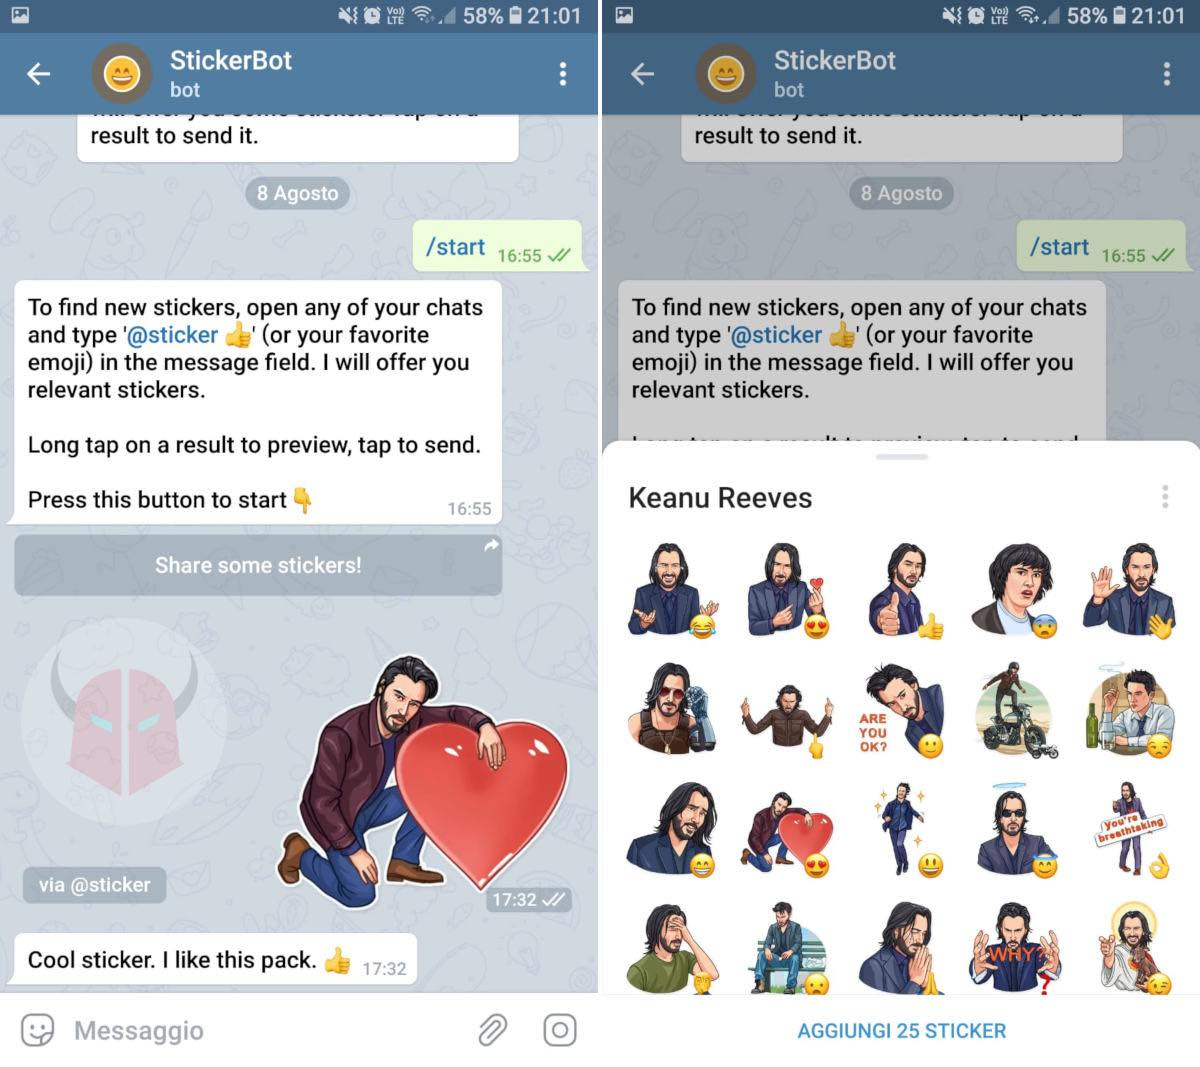 come fare gli sticker su Telegram bot StickerBot